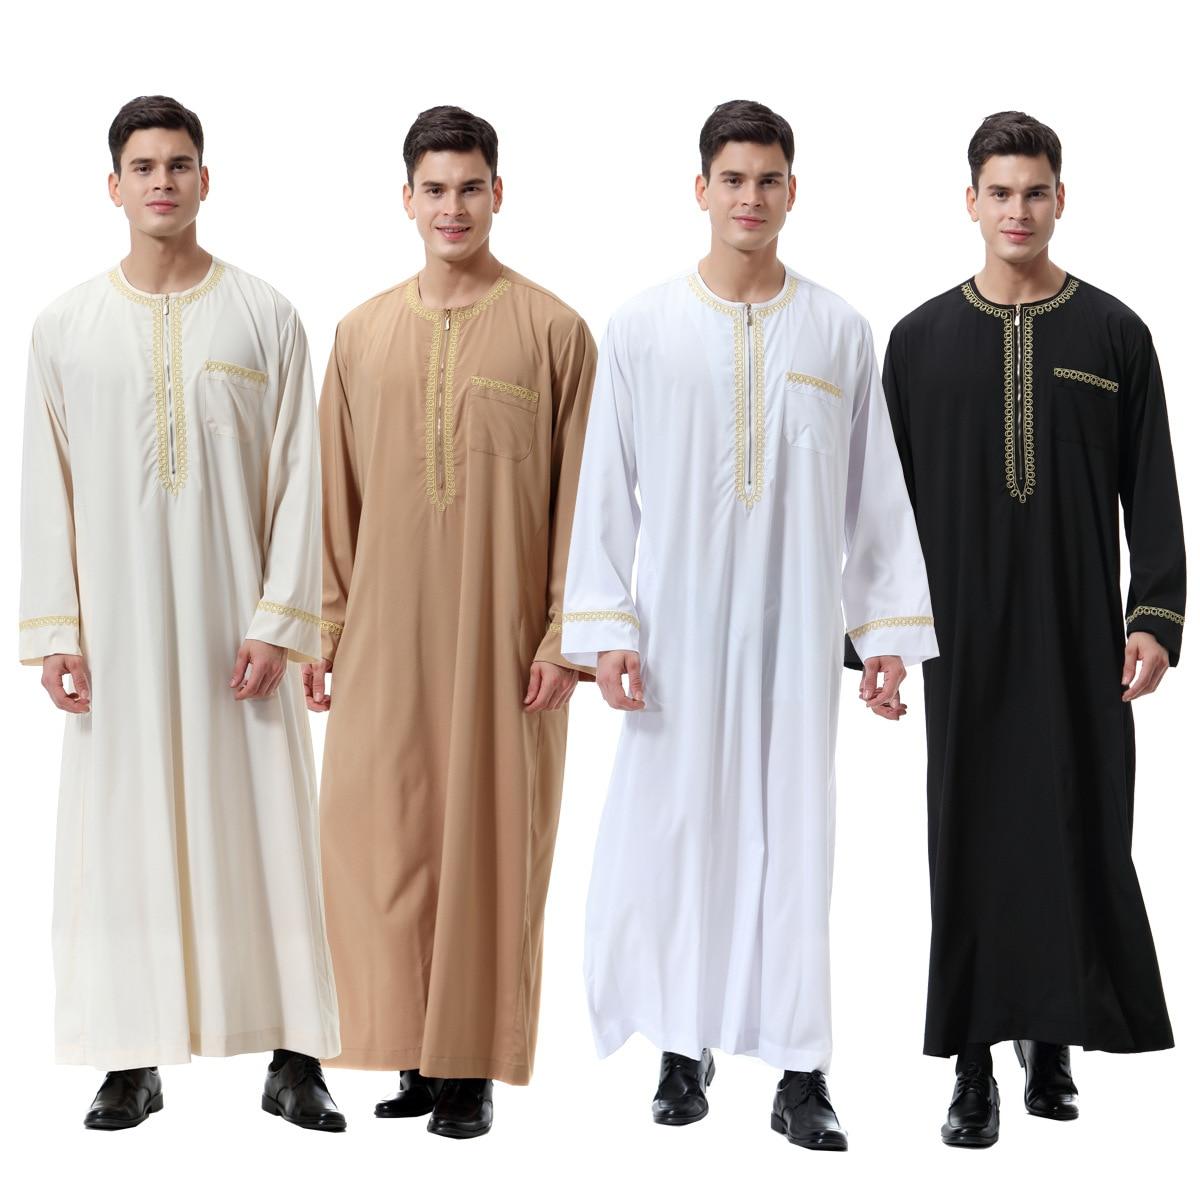 Muslim islamic Clothing Men Jubba Thobe print zipper Kimono Long Robe Saudi Musulman Wear abaya caftan Islam Dubai Arab Dressing